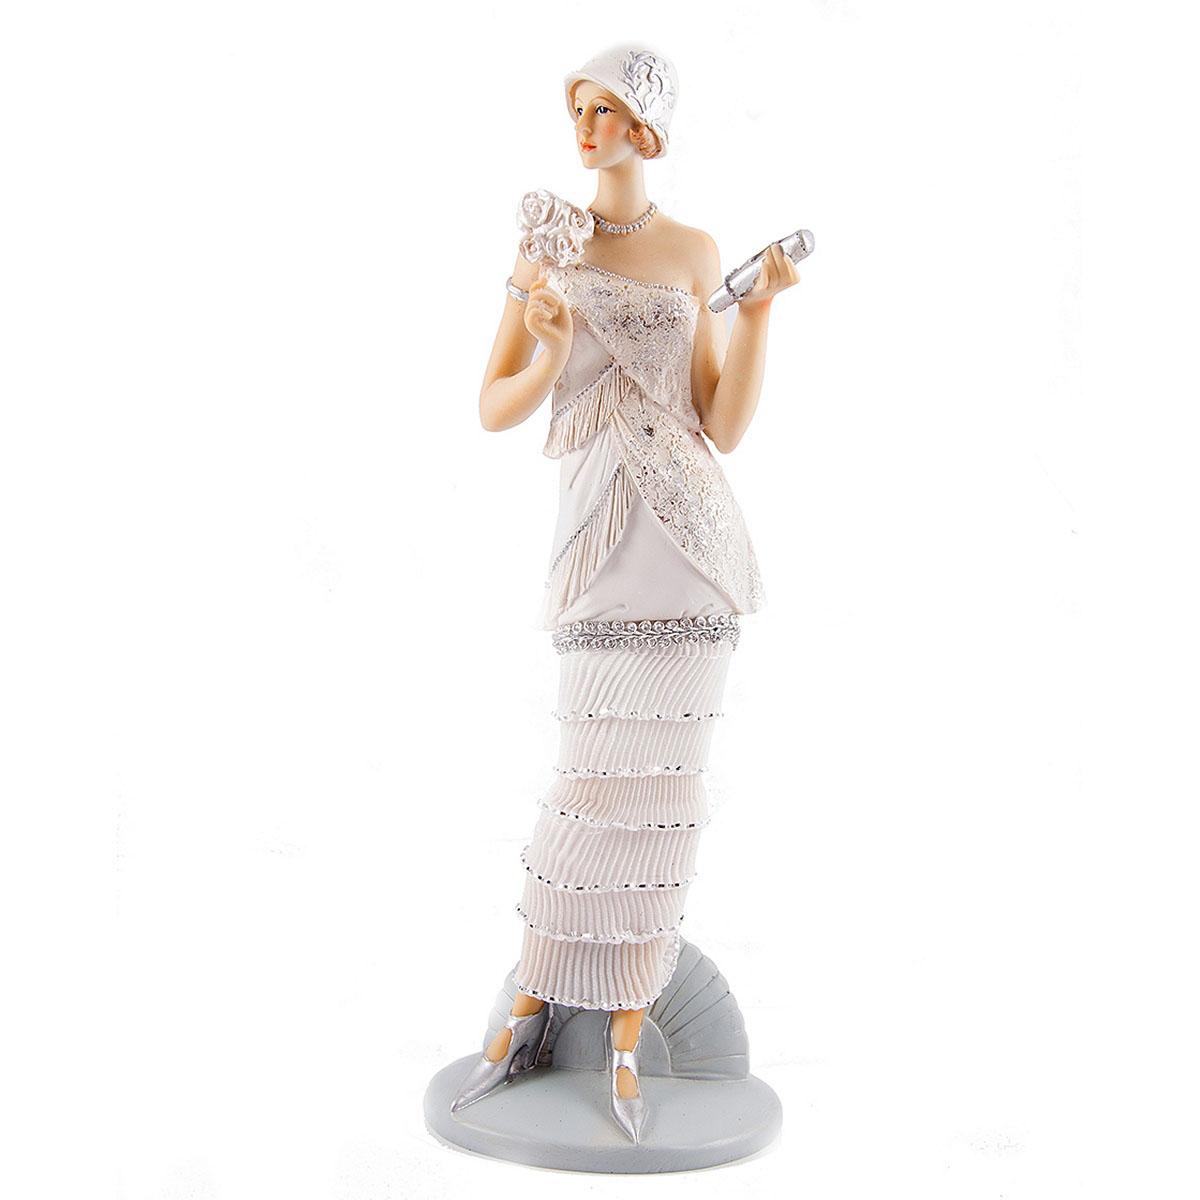 Статуэтка Русские Подарки Мисс Обаяние, 12 х 10 х 34 см12723Статуэтка Русские Подарки Мисс Обаяние, изготовленная изполистоуна, имеет изысканный внешний вид. Изделие станет прекрасным украшением интерьерагостиной, офиса или дома. Вы можете поставить статуэтку влюбое место, где она будет удачно смотреться и радоватьглаз. Правила ухода: регулярно вытирать пыль сухой, мягкой тканью.